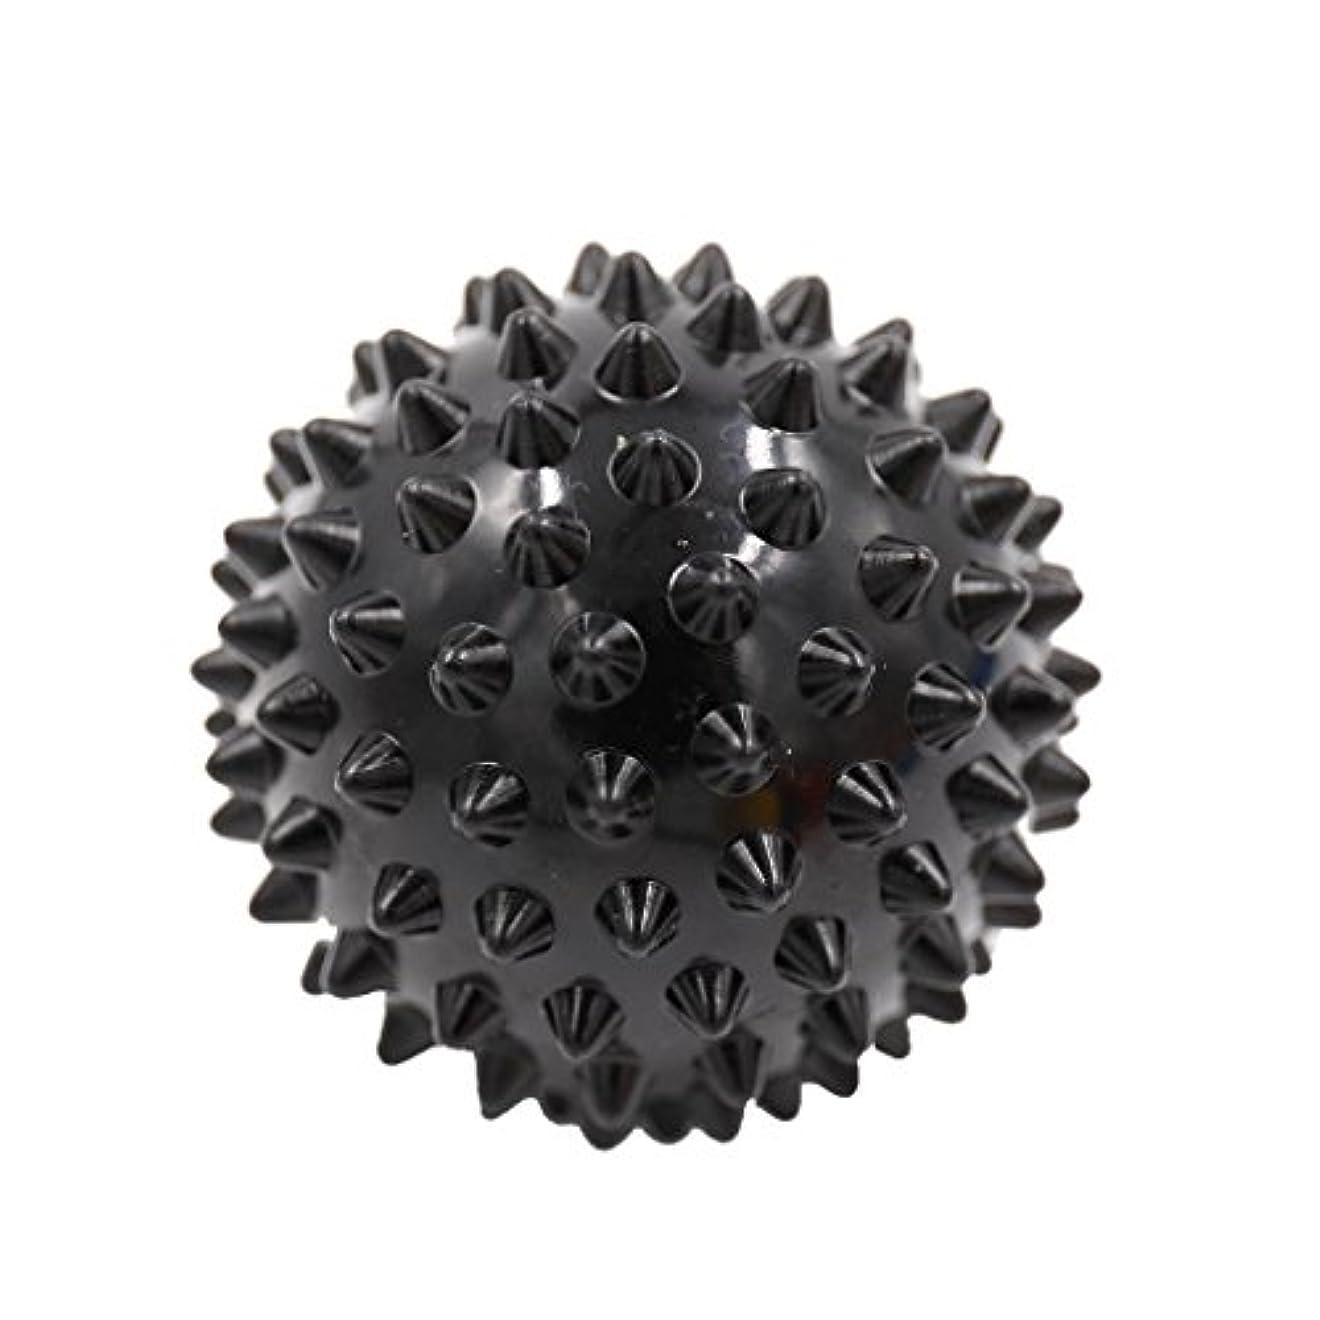 放射する辞書無線マッサージボール マッサージ器 マッサージャー リラックス スパイク マッサージボール 3色選べ - ブラック, 説明したように